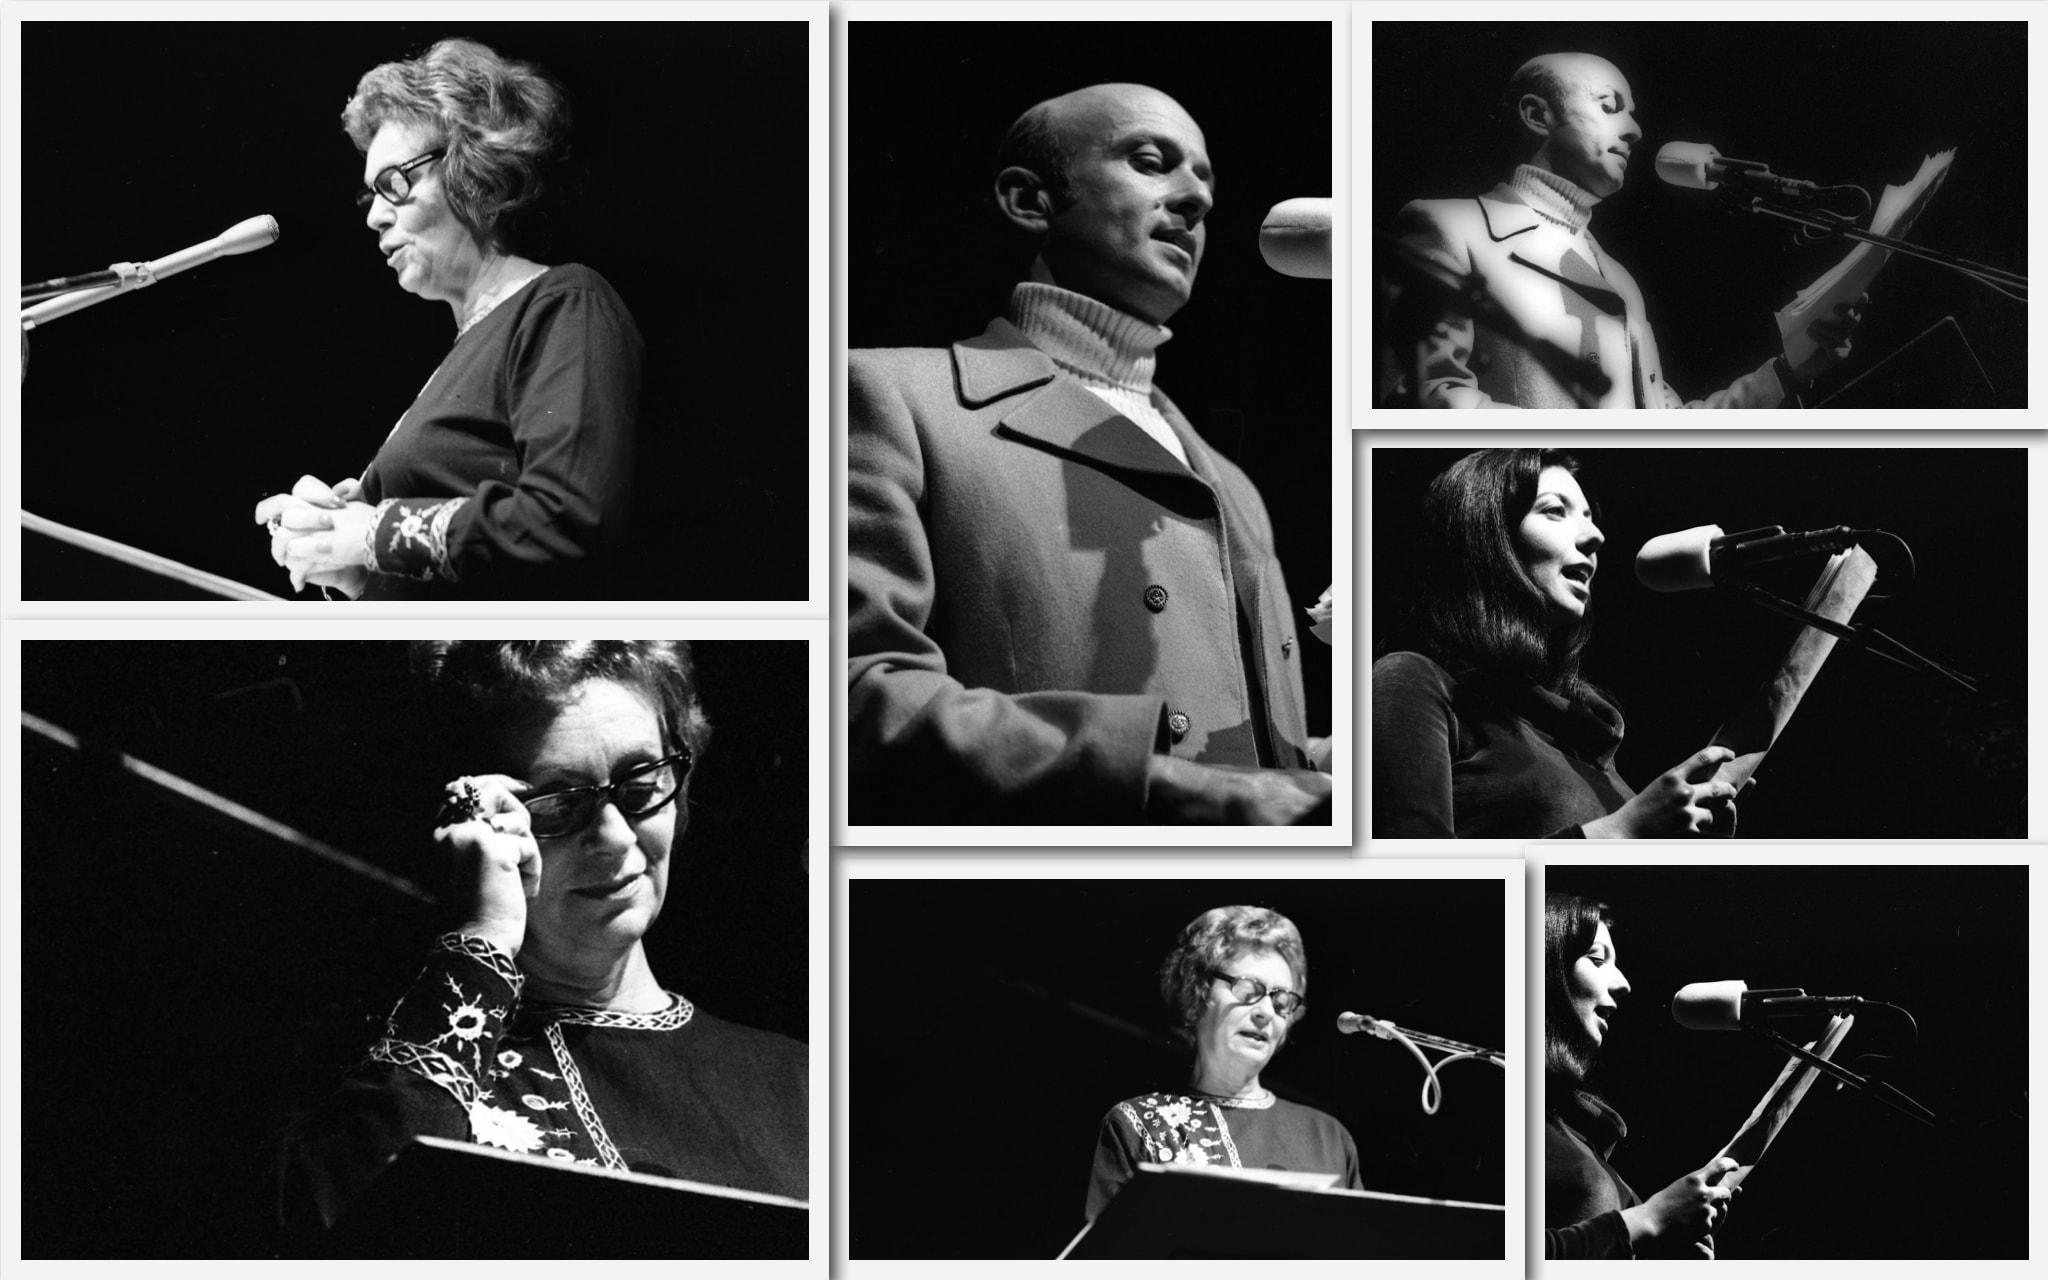 חנה מרון, יוסי גרבר ואיריס לביא מנחים את ערב שירי משוררים בבית החייל בתל אביב, 21 בינואר 1972 (צילום: אוסף דן הדני, הספרייה הלאומית)